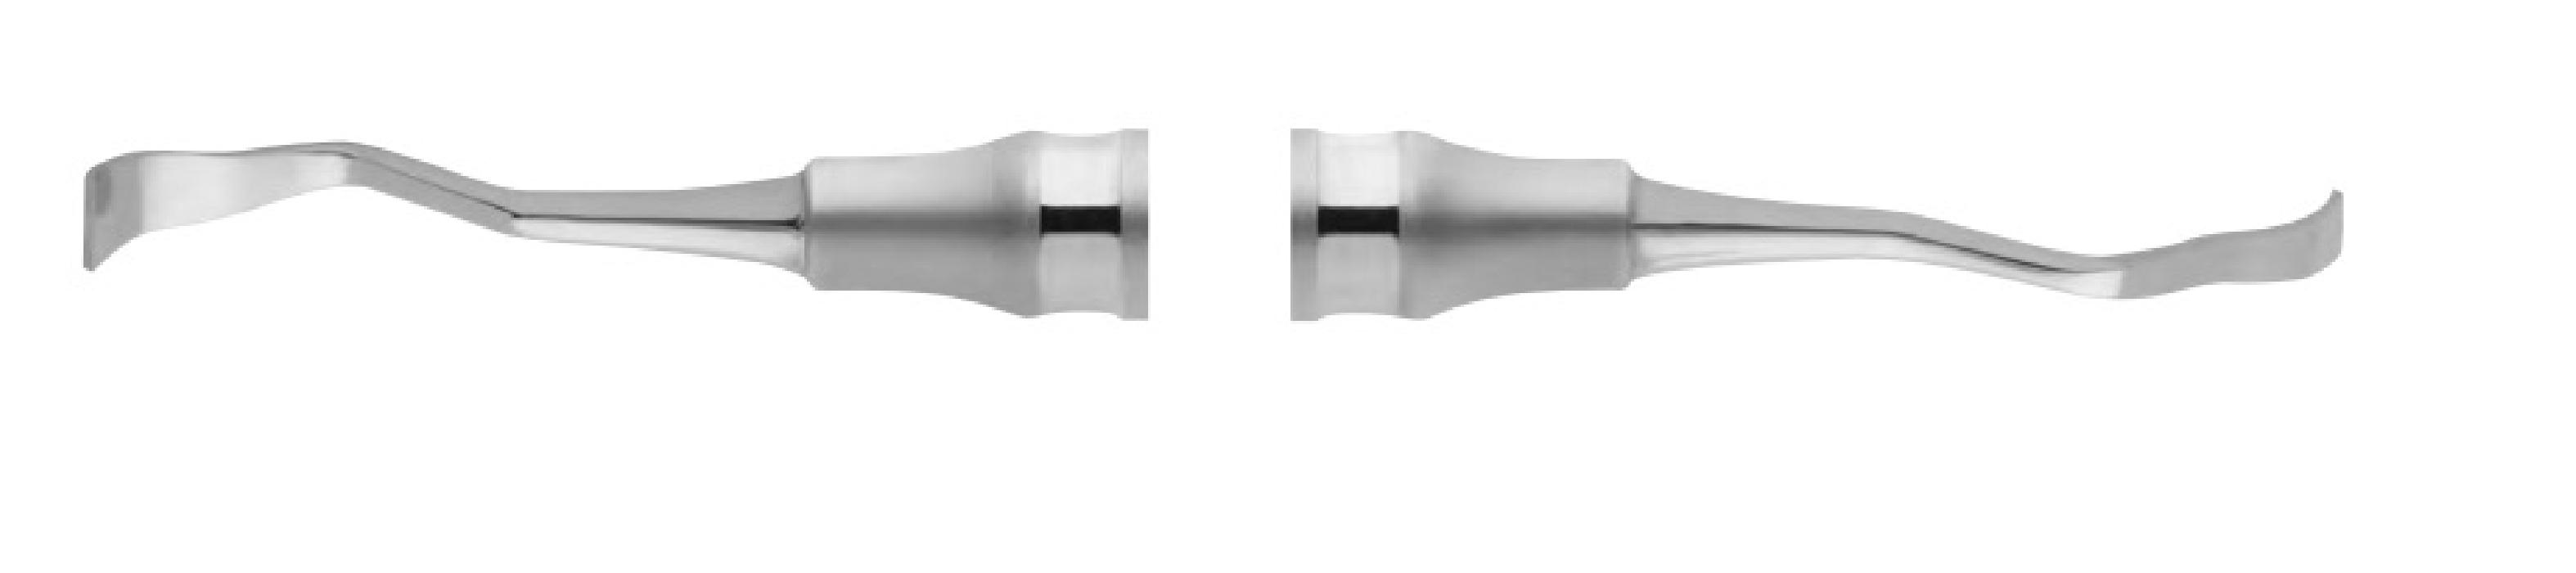 An image of Bone scraper